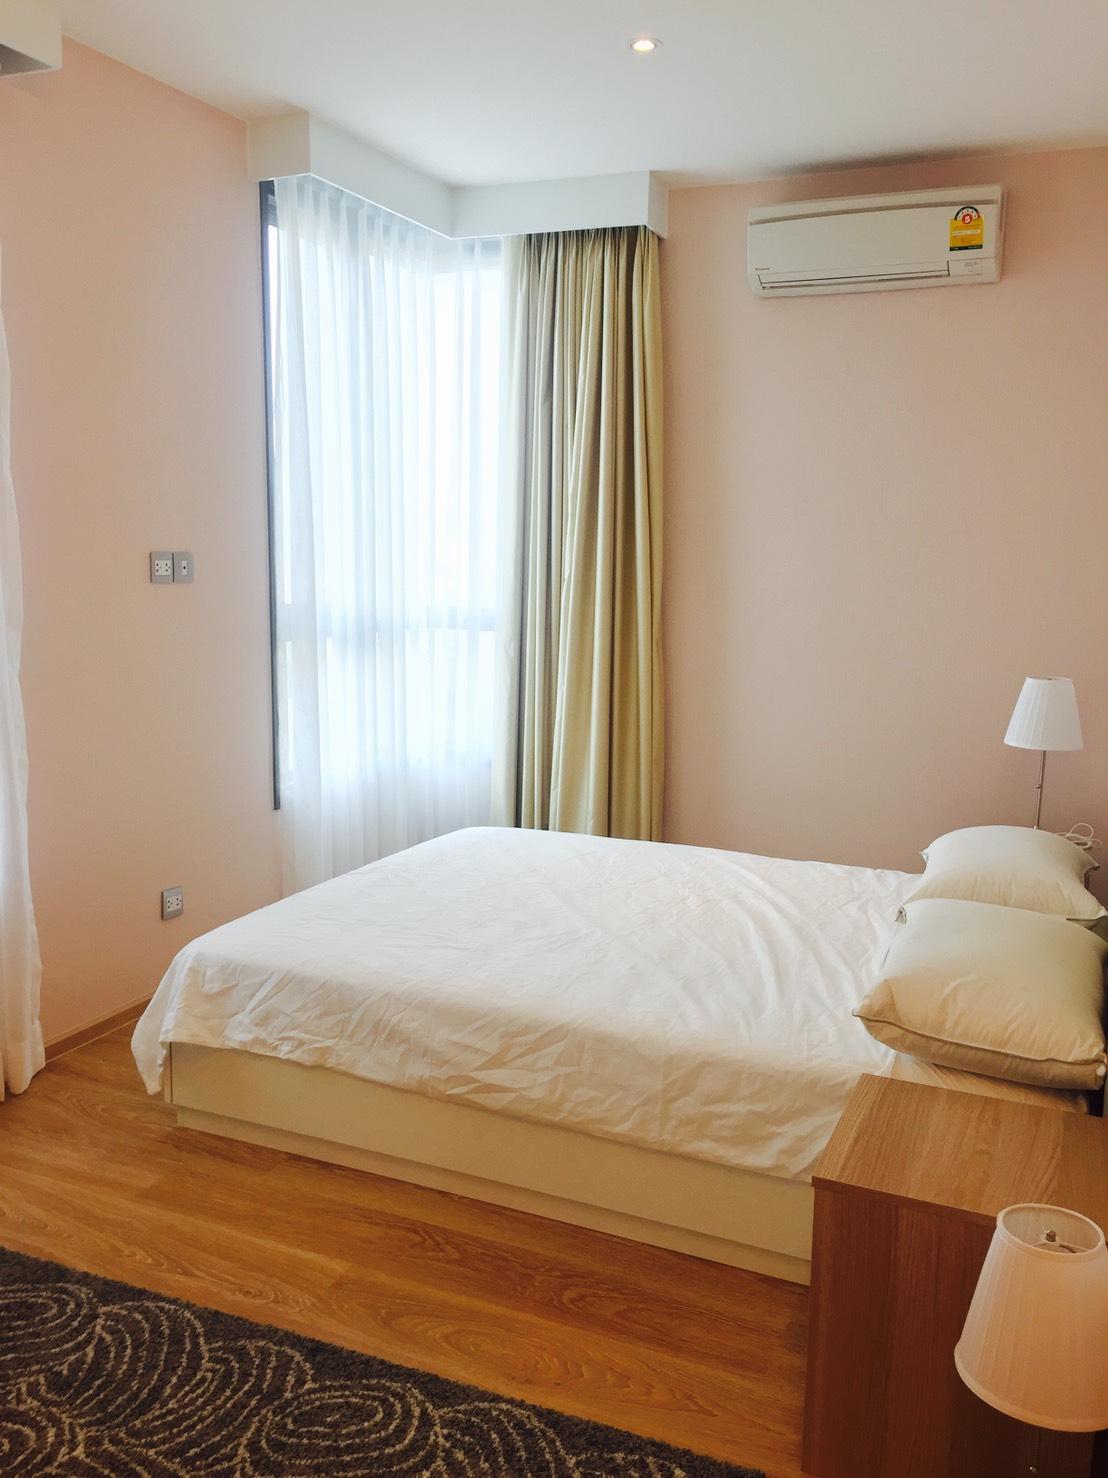 ภาพคอนโดให้เช่า เอช สุขุมวิท 43  ซอย สุขุมวิท 43  คลองตันเหนือ วัฒนา 1 ห้องนอน พร้อมอยู่ ราคาถูก